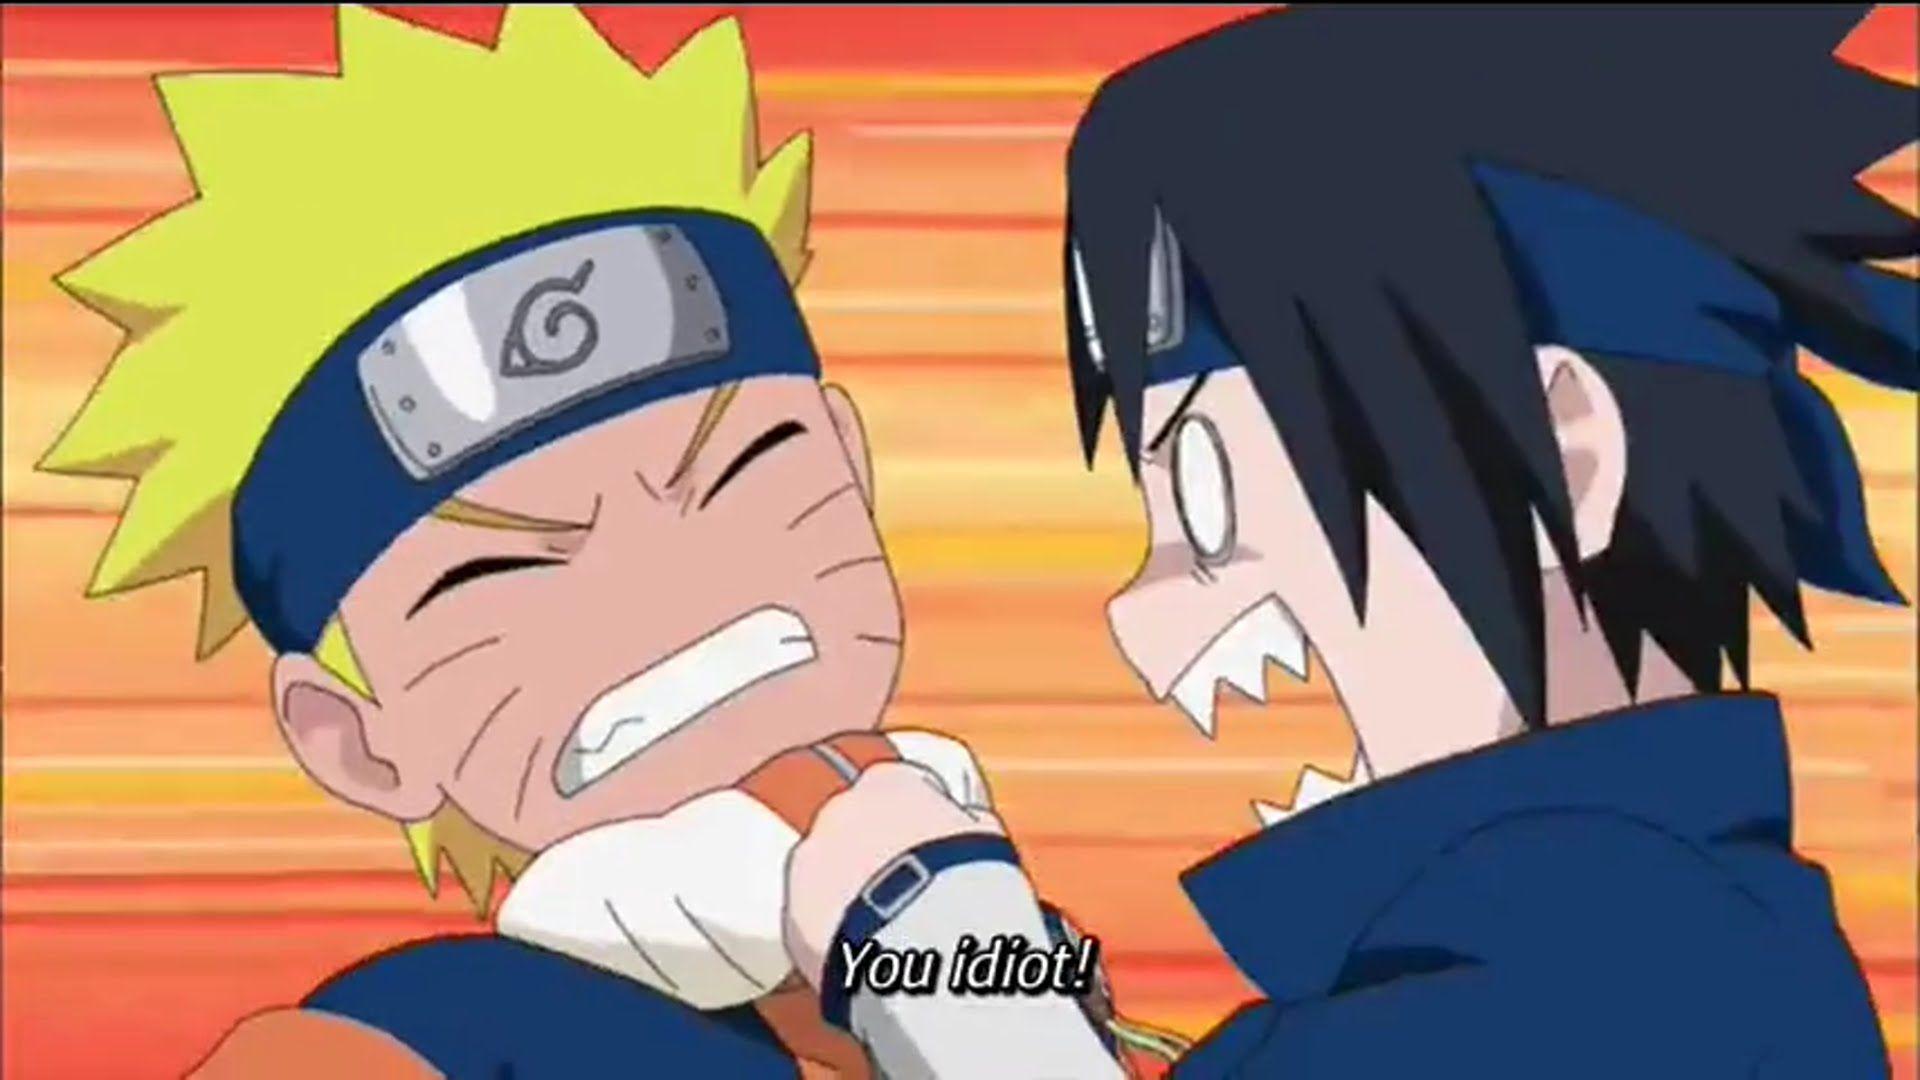 Naruto Shippuden Naruto And Sasuke Funny Moment